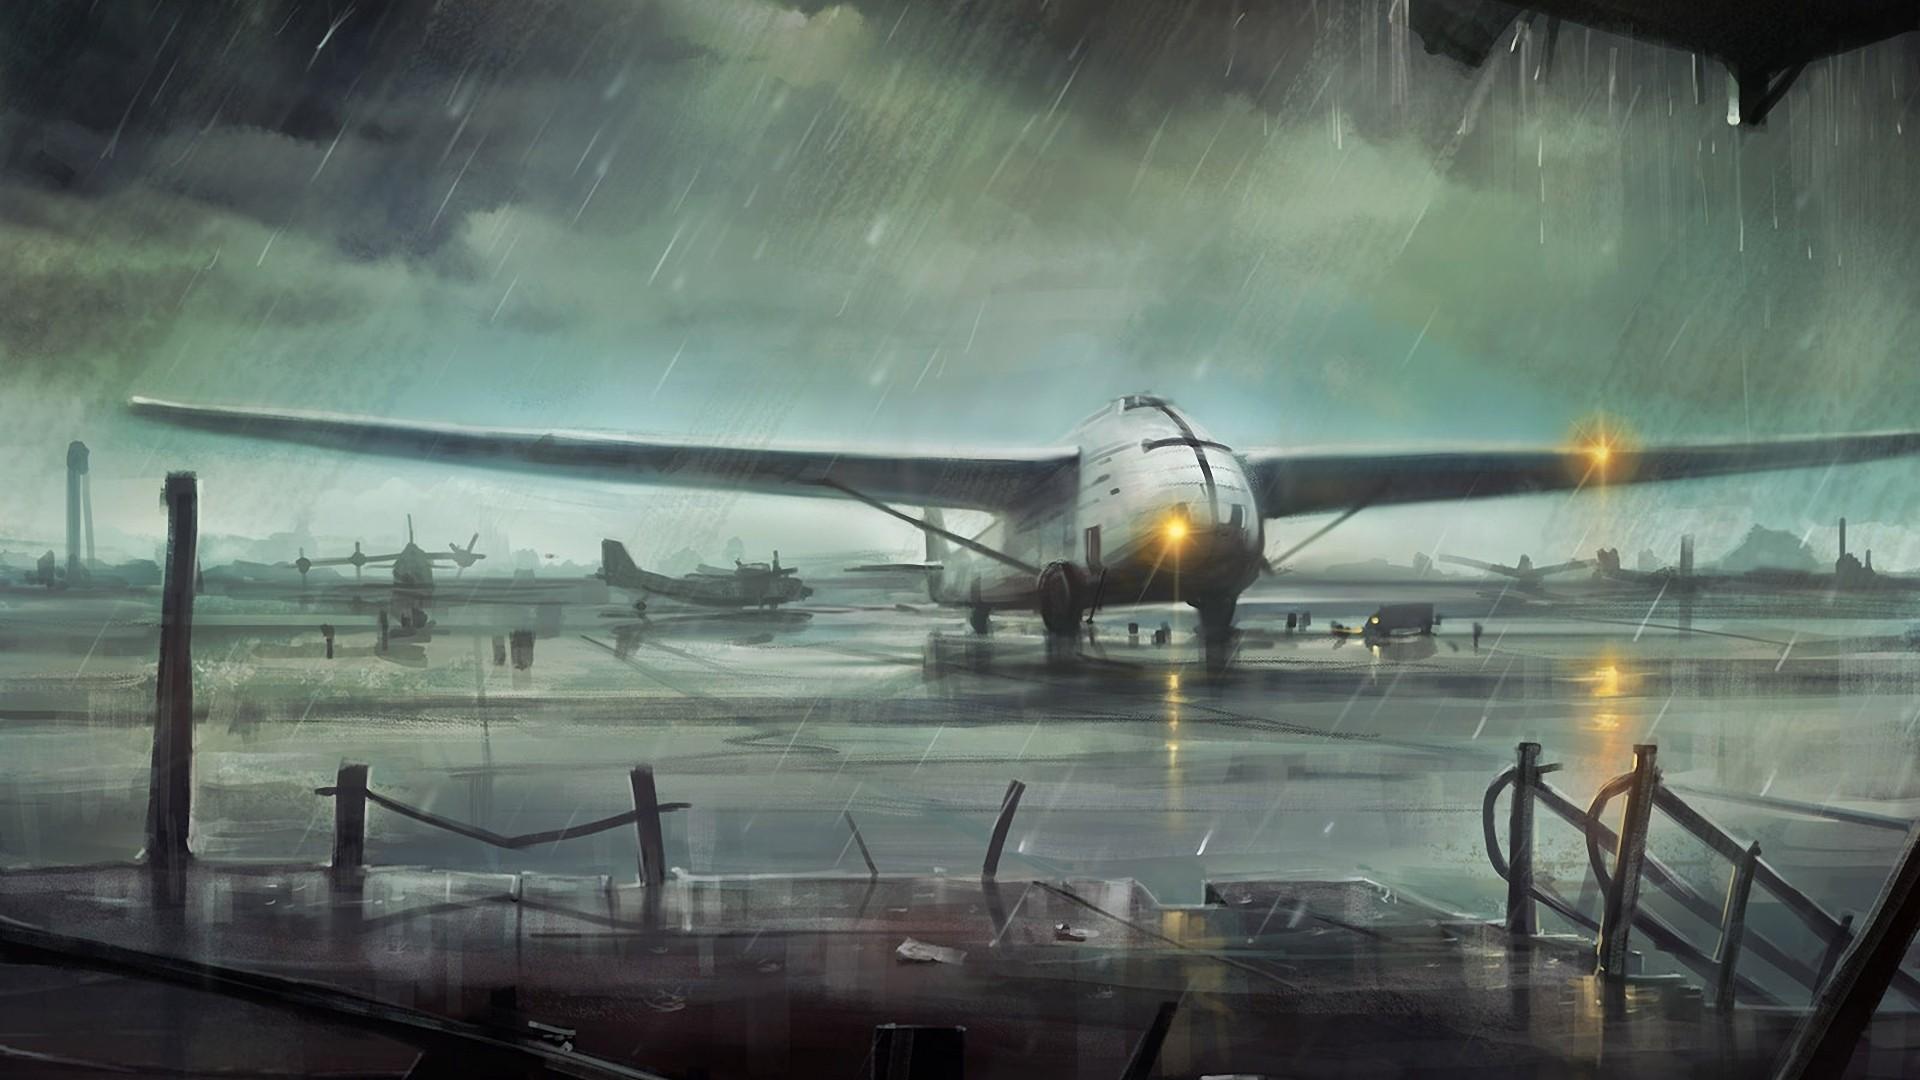 General 1920x1080 artwork airplane rain airport haryarti